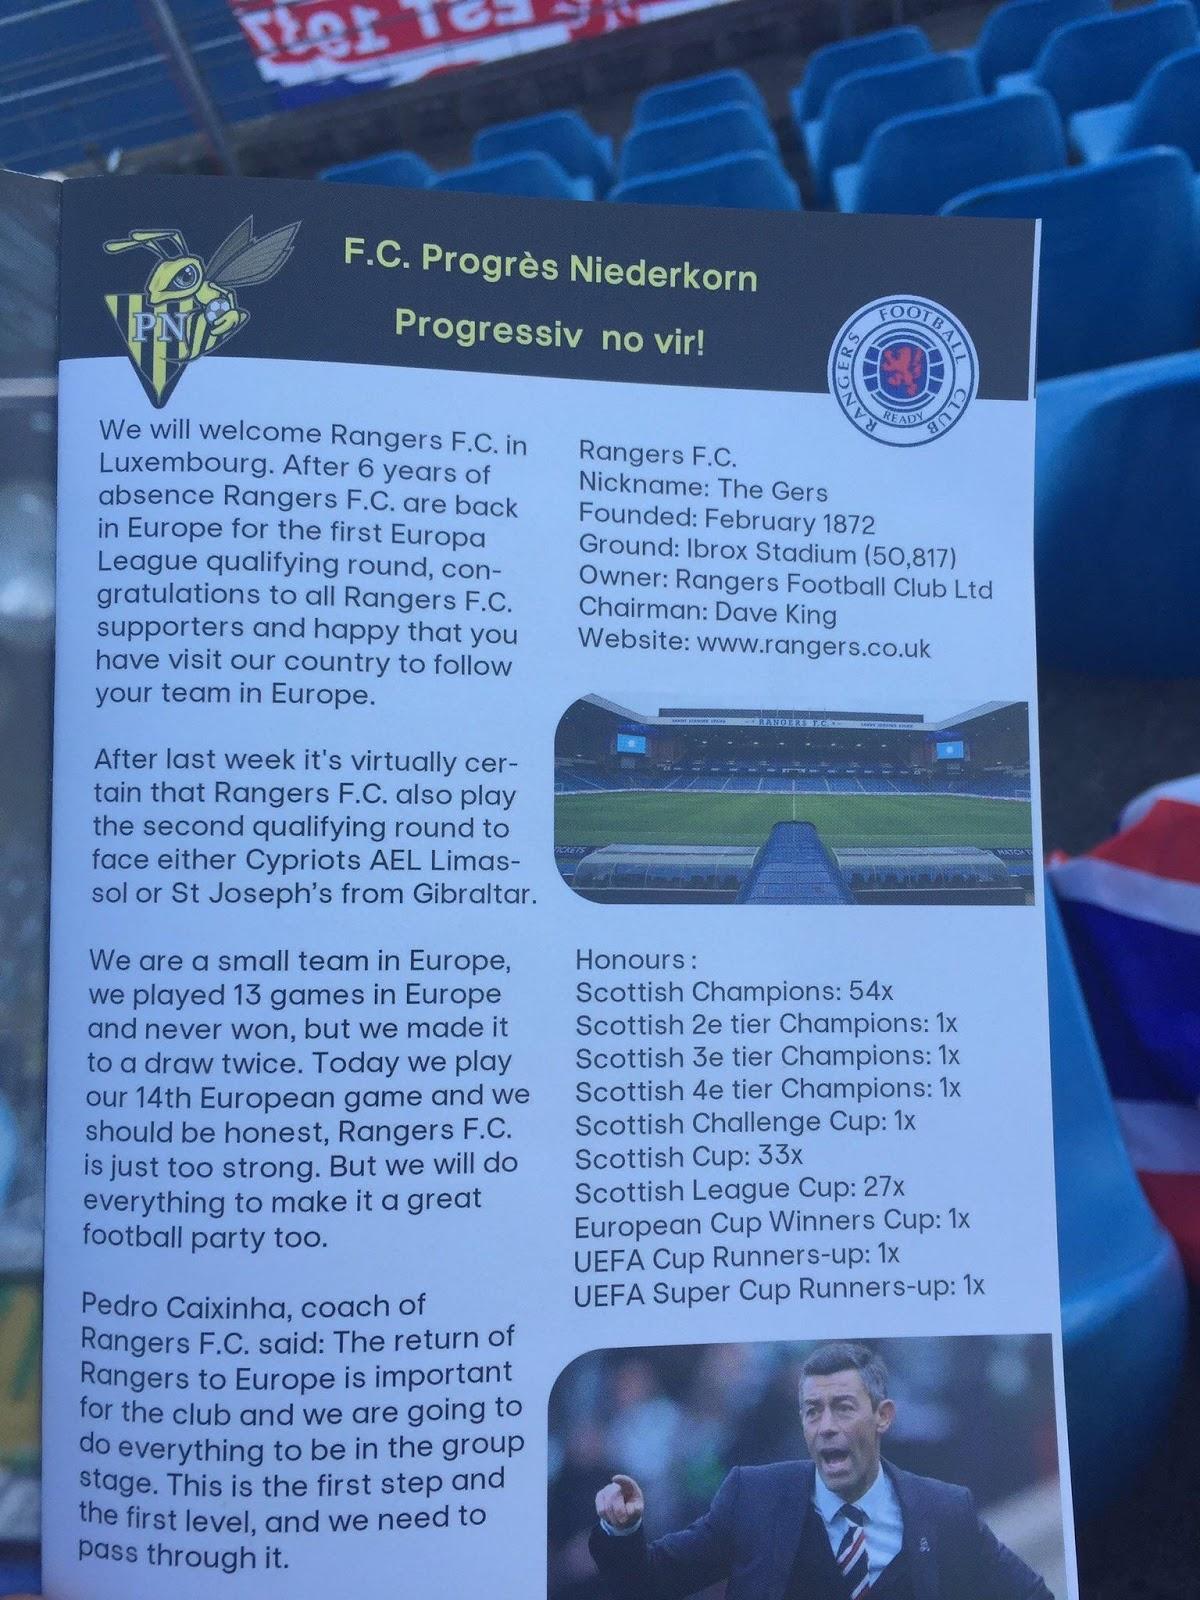 Progres Niederkorn - Rangers